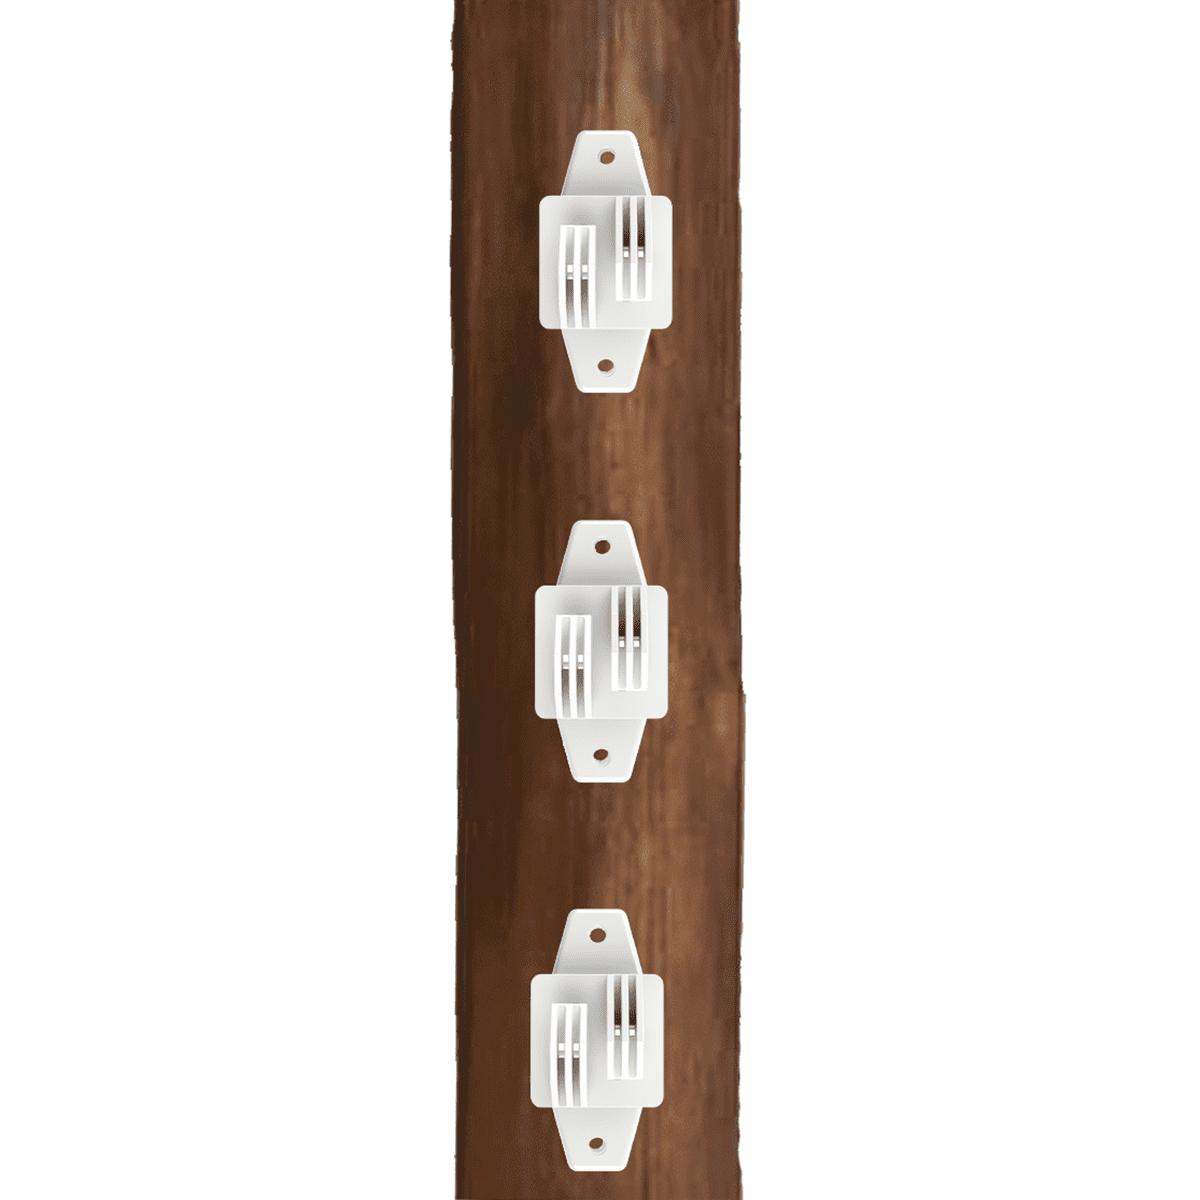 Isolador Tipo W Branco Cerca Elétrica Rural Residencial Industrial Pacote 500 Unidades  - Ambientude Agro e Pet